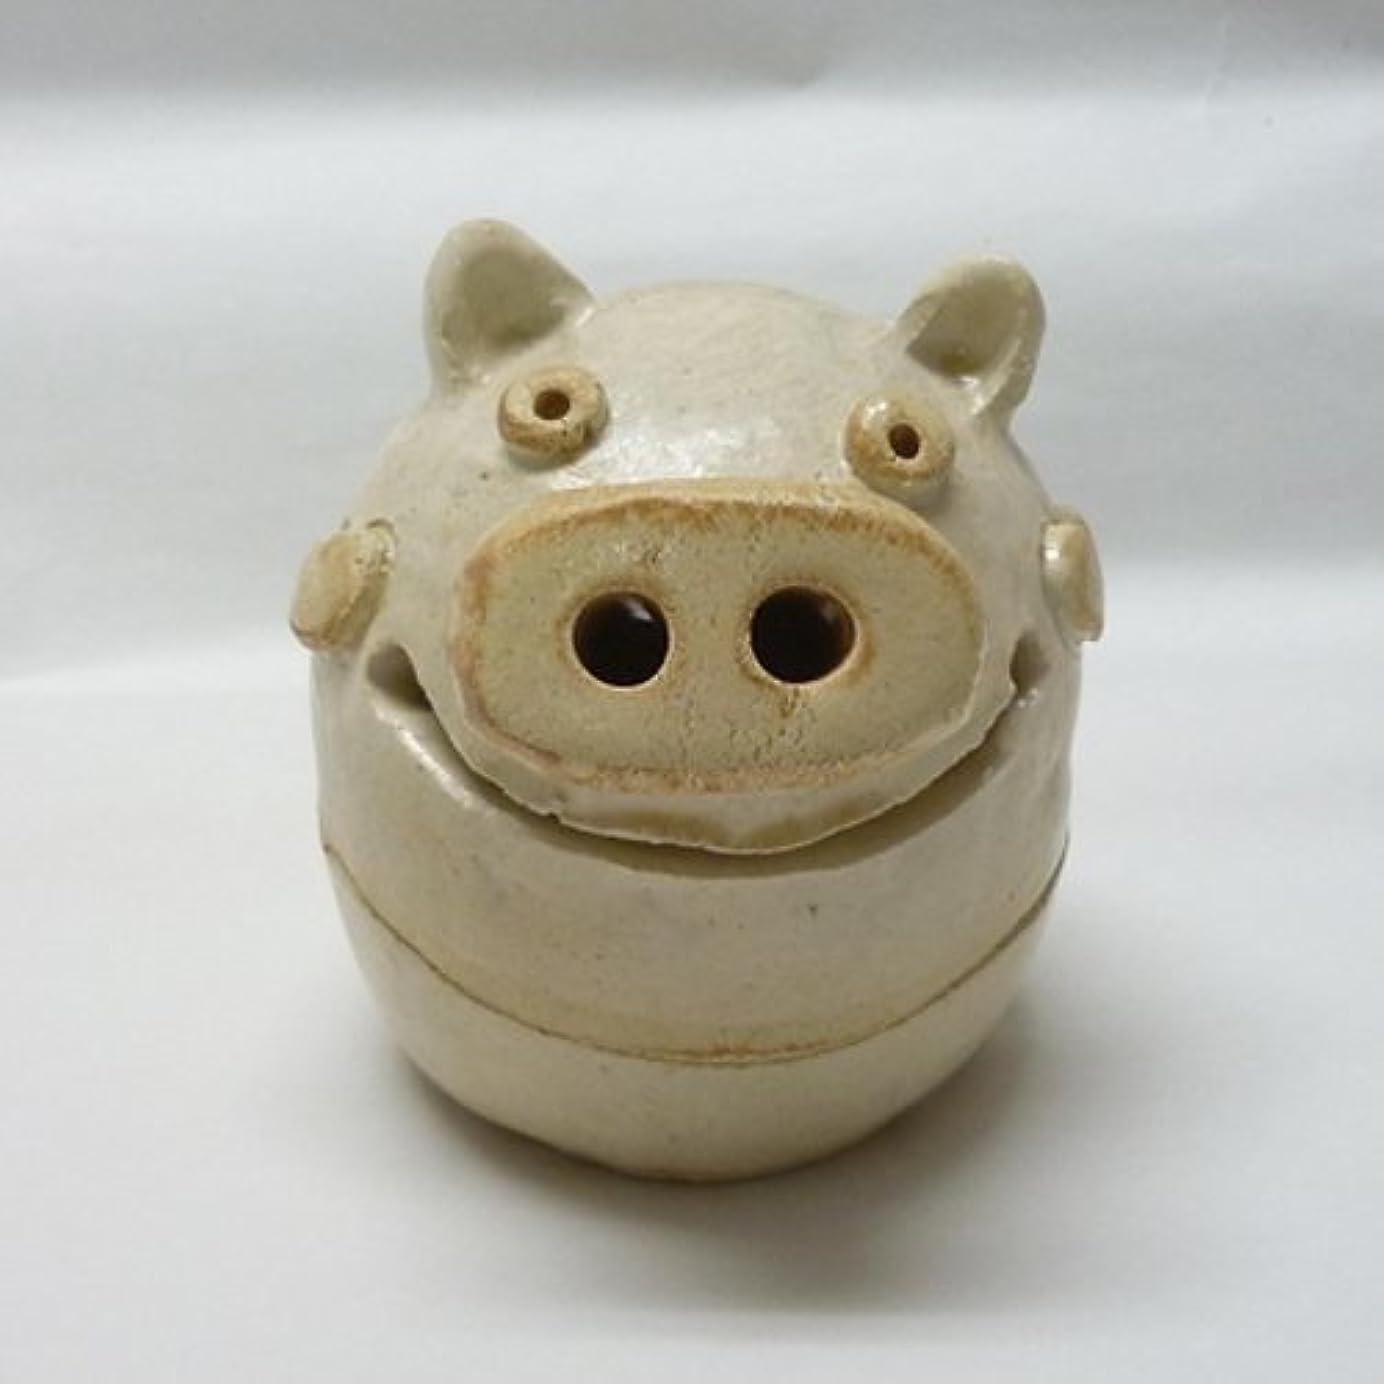 量で人道的相手香炉 ぶた君 香炉(白) [H9cm] HANDMADE プレゼント ギフト 和食器 かわいい インテリア